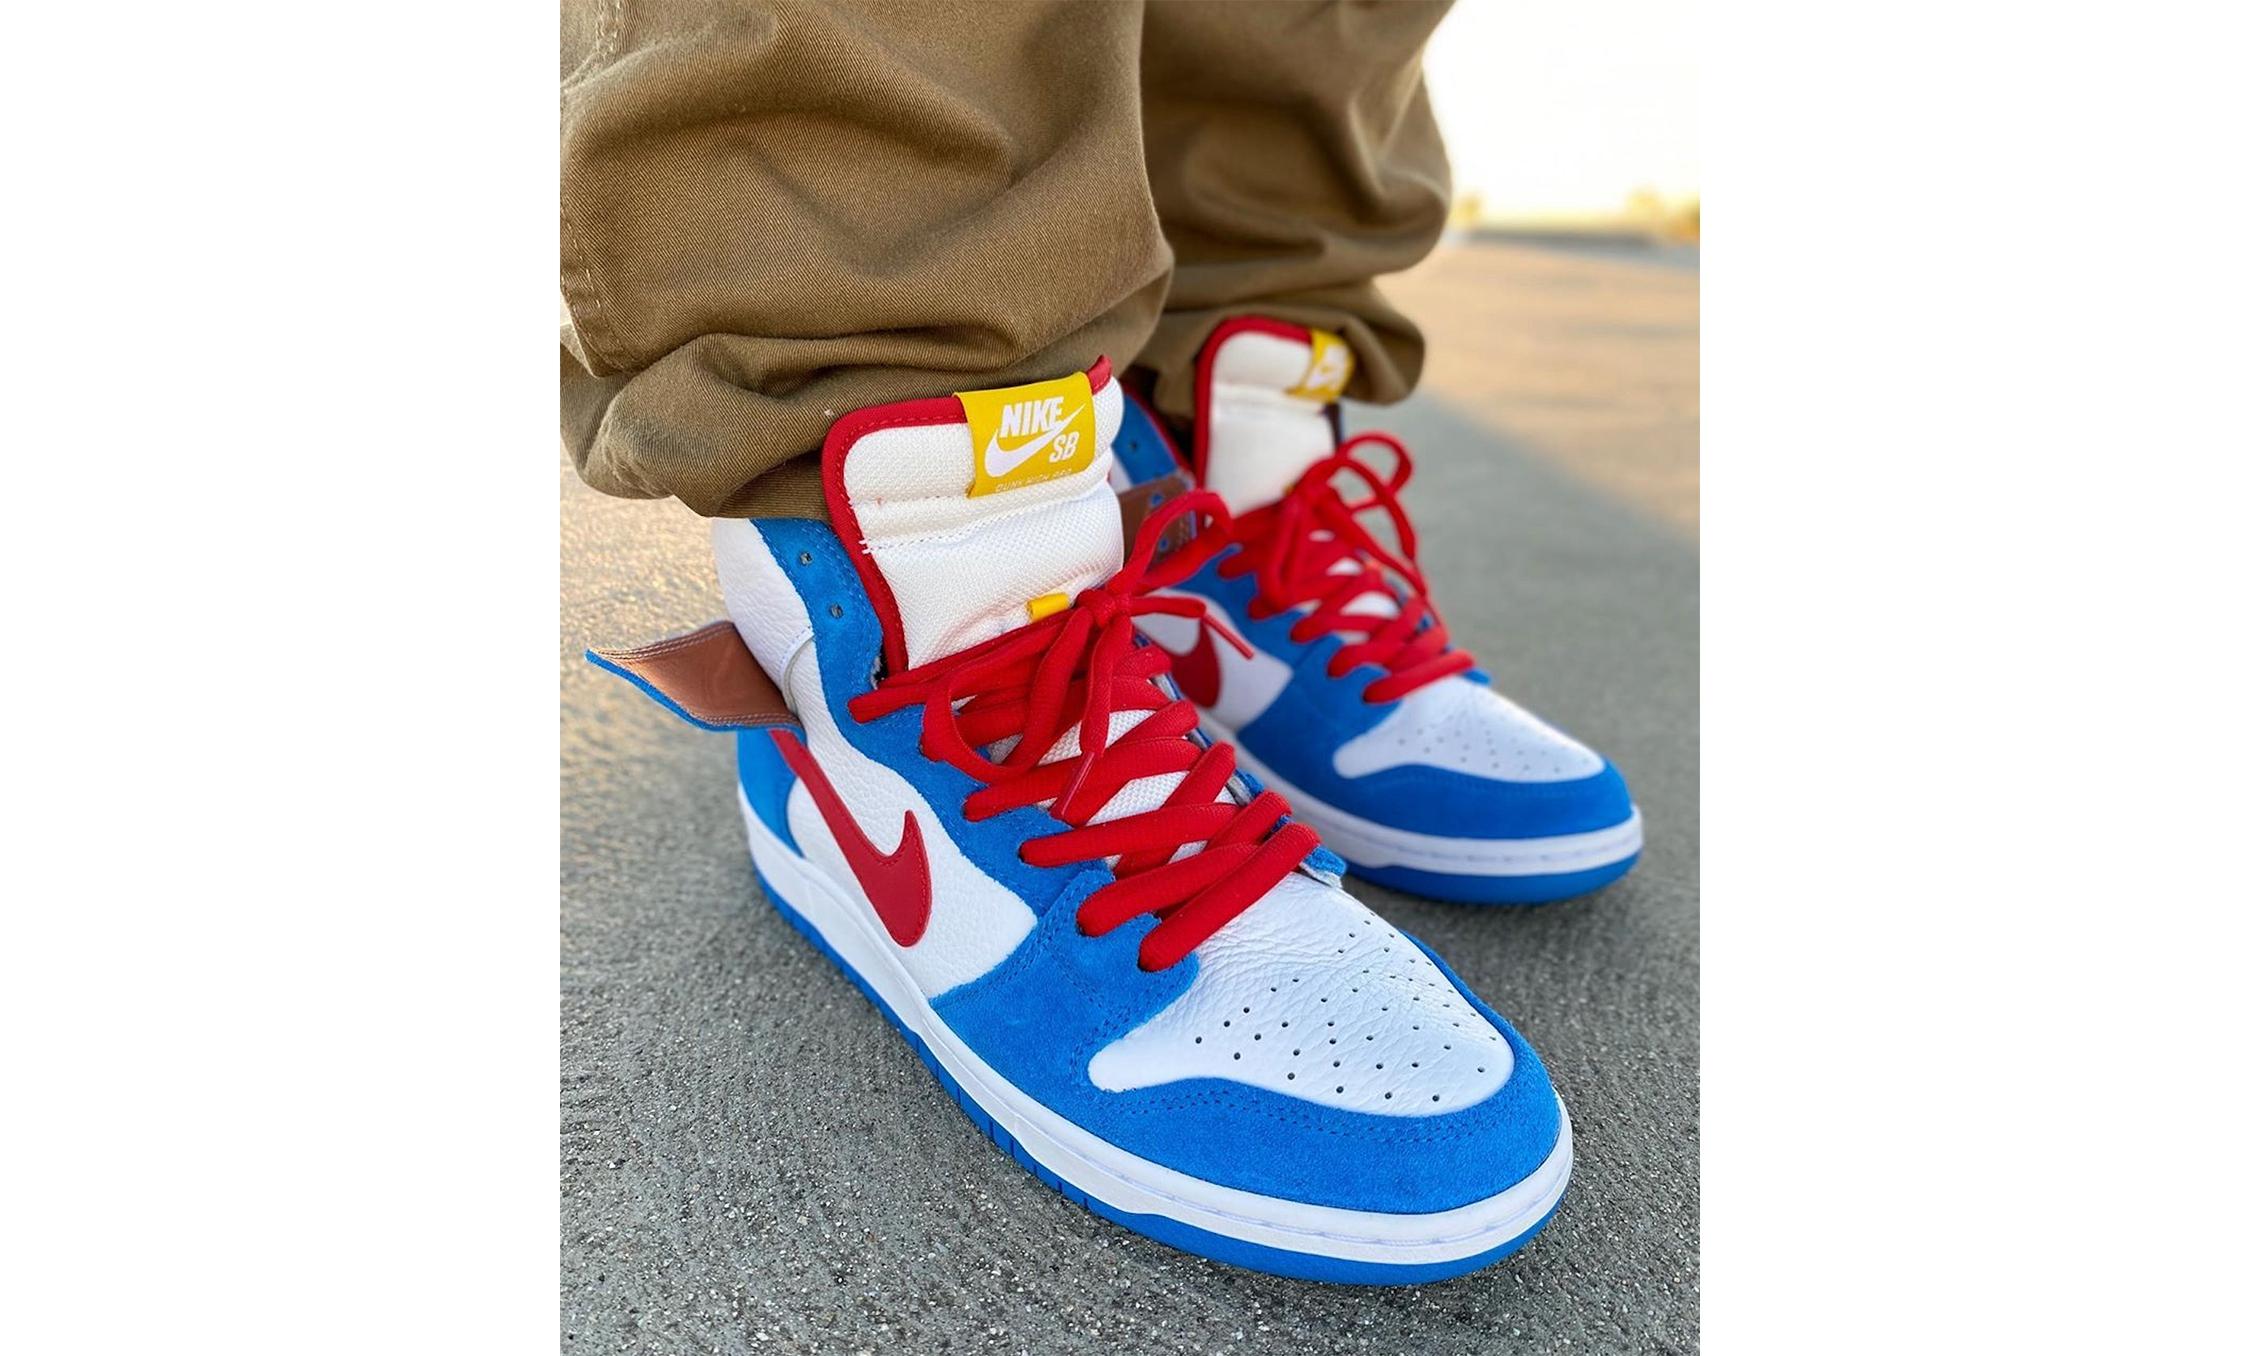 「哆啦 A 梦」主题 Nike SB Dunk High 首度曝光